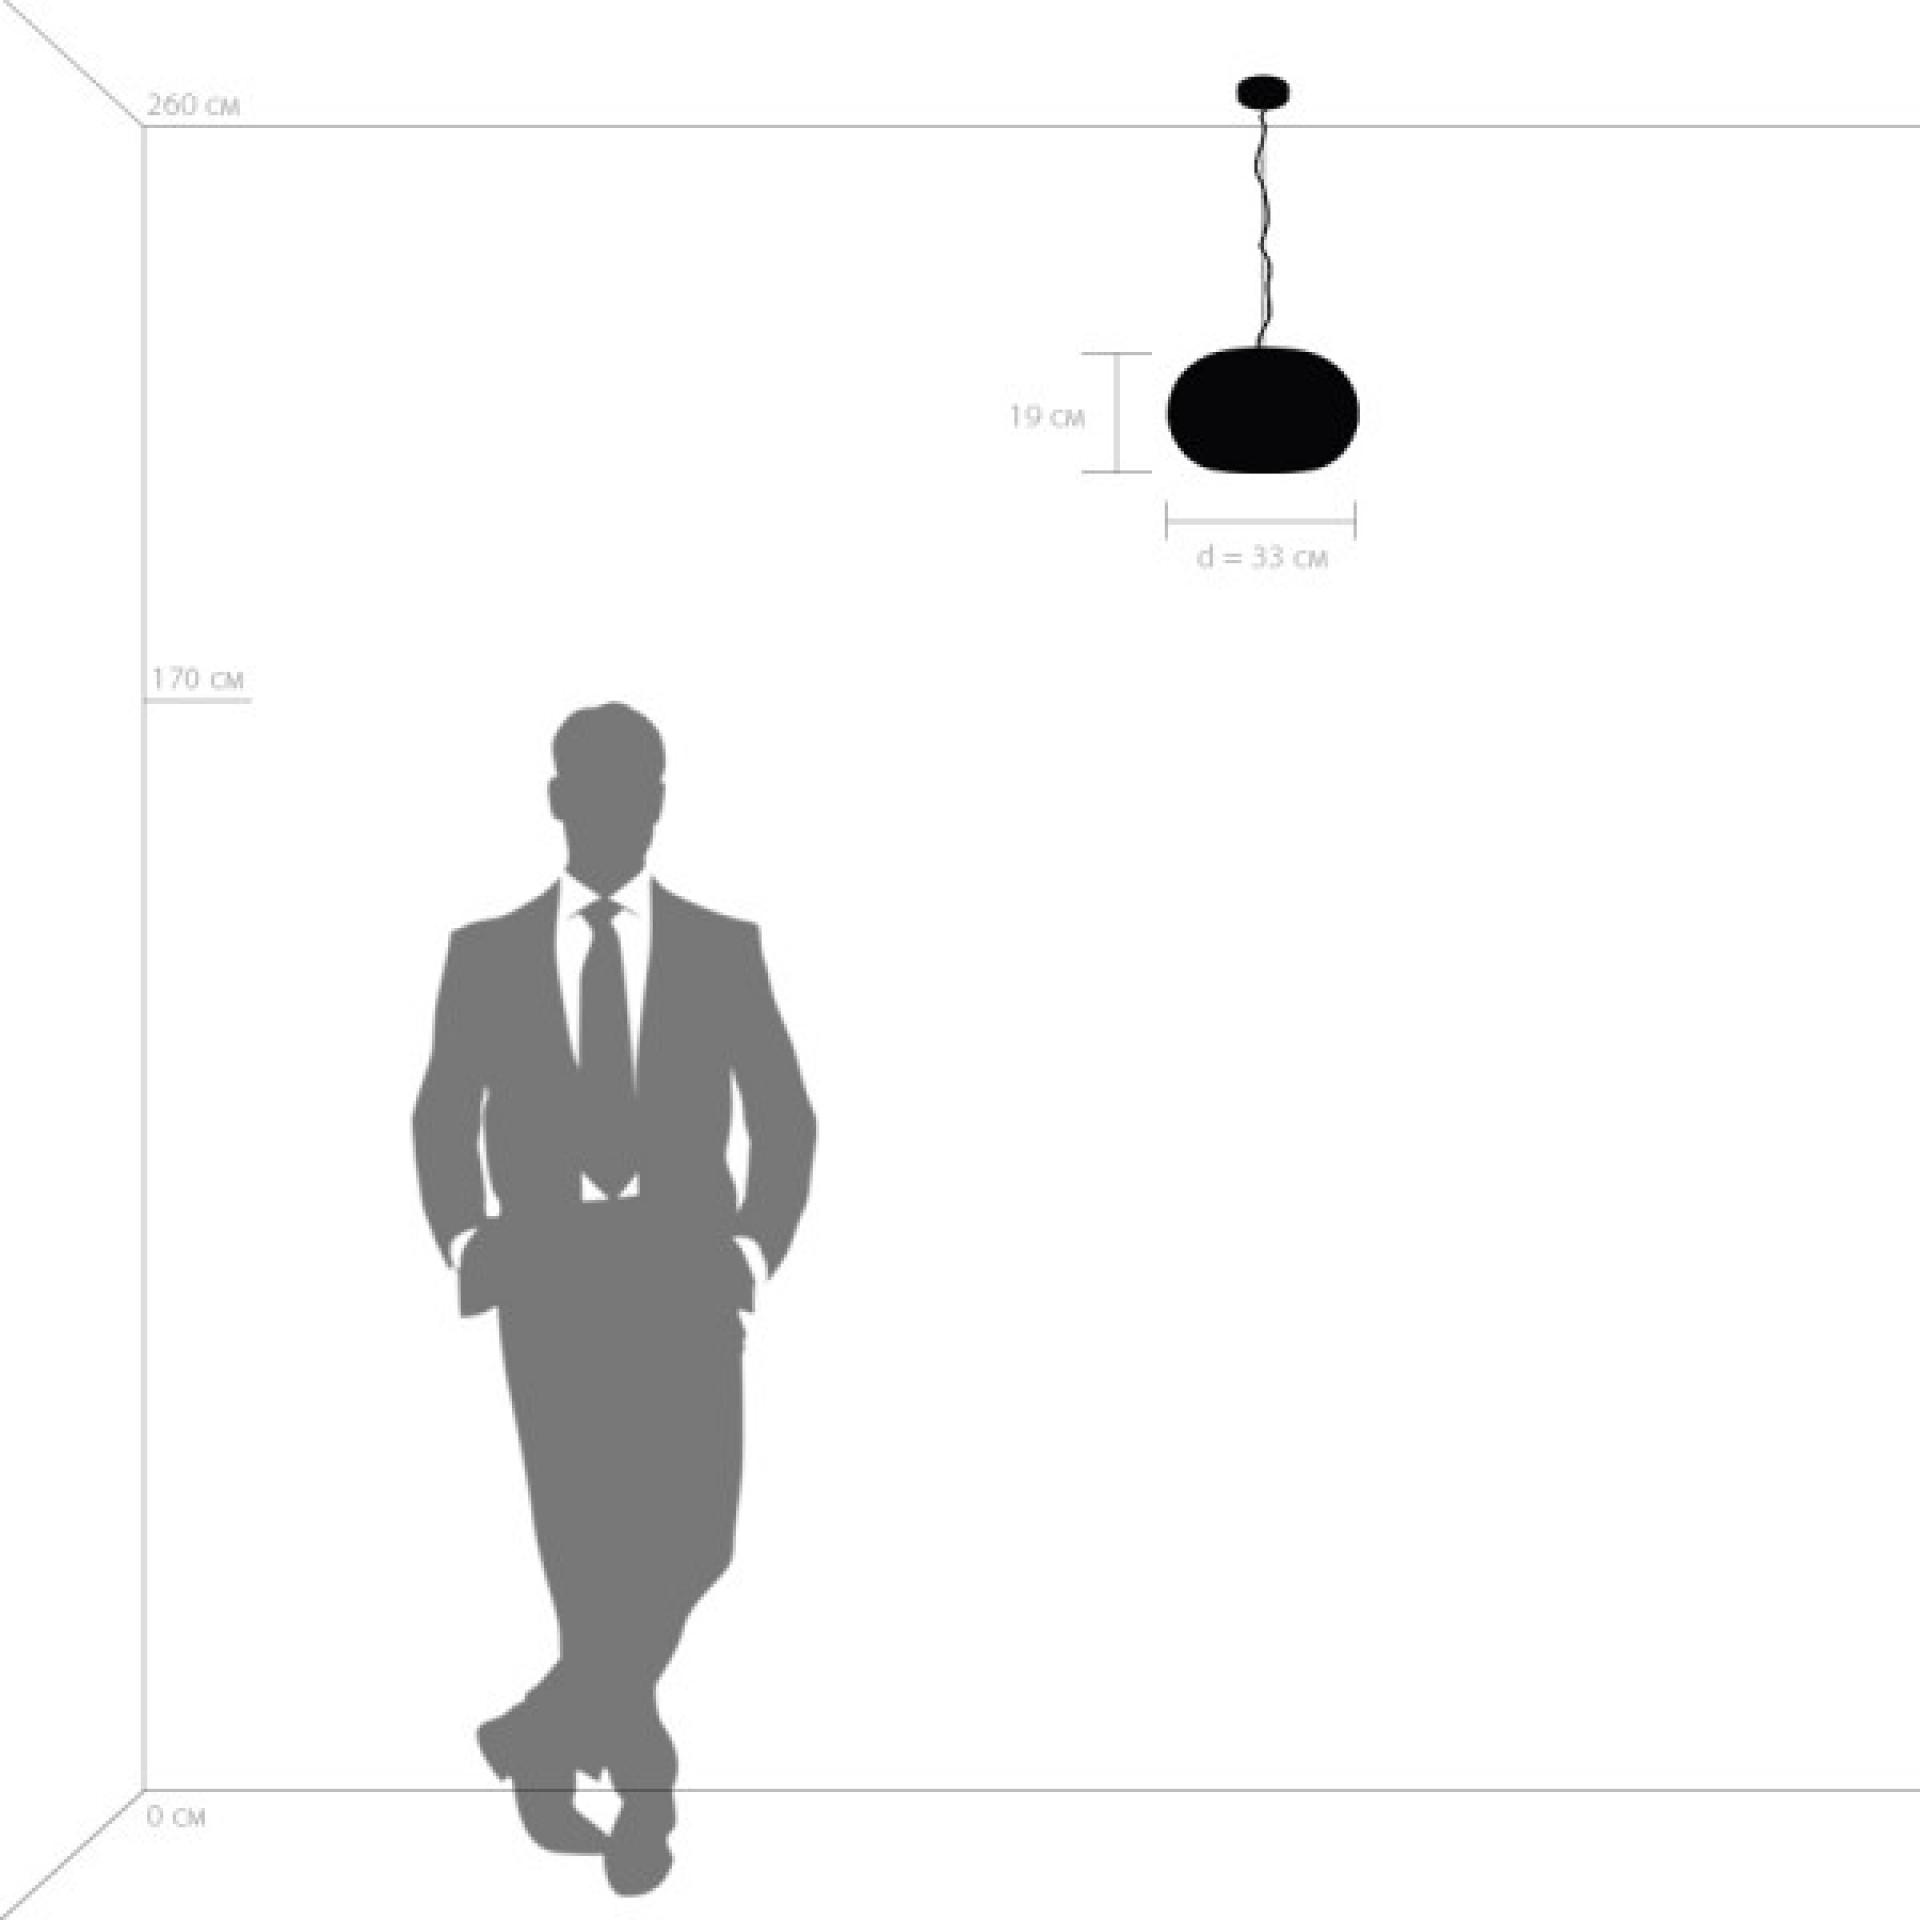 Люстра подвесная Arnia 1Х40W E27 Белый Lightstar 805013, купить в СПб, Москве, с доставкой, Санкт-Петербург, интернет-магазин люстр и светильников Starlight, фото в жизни